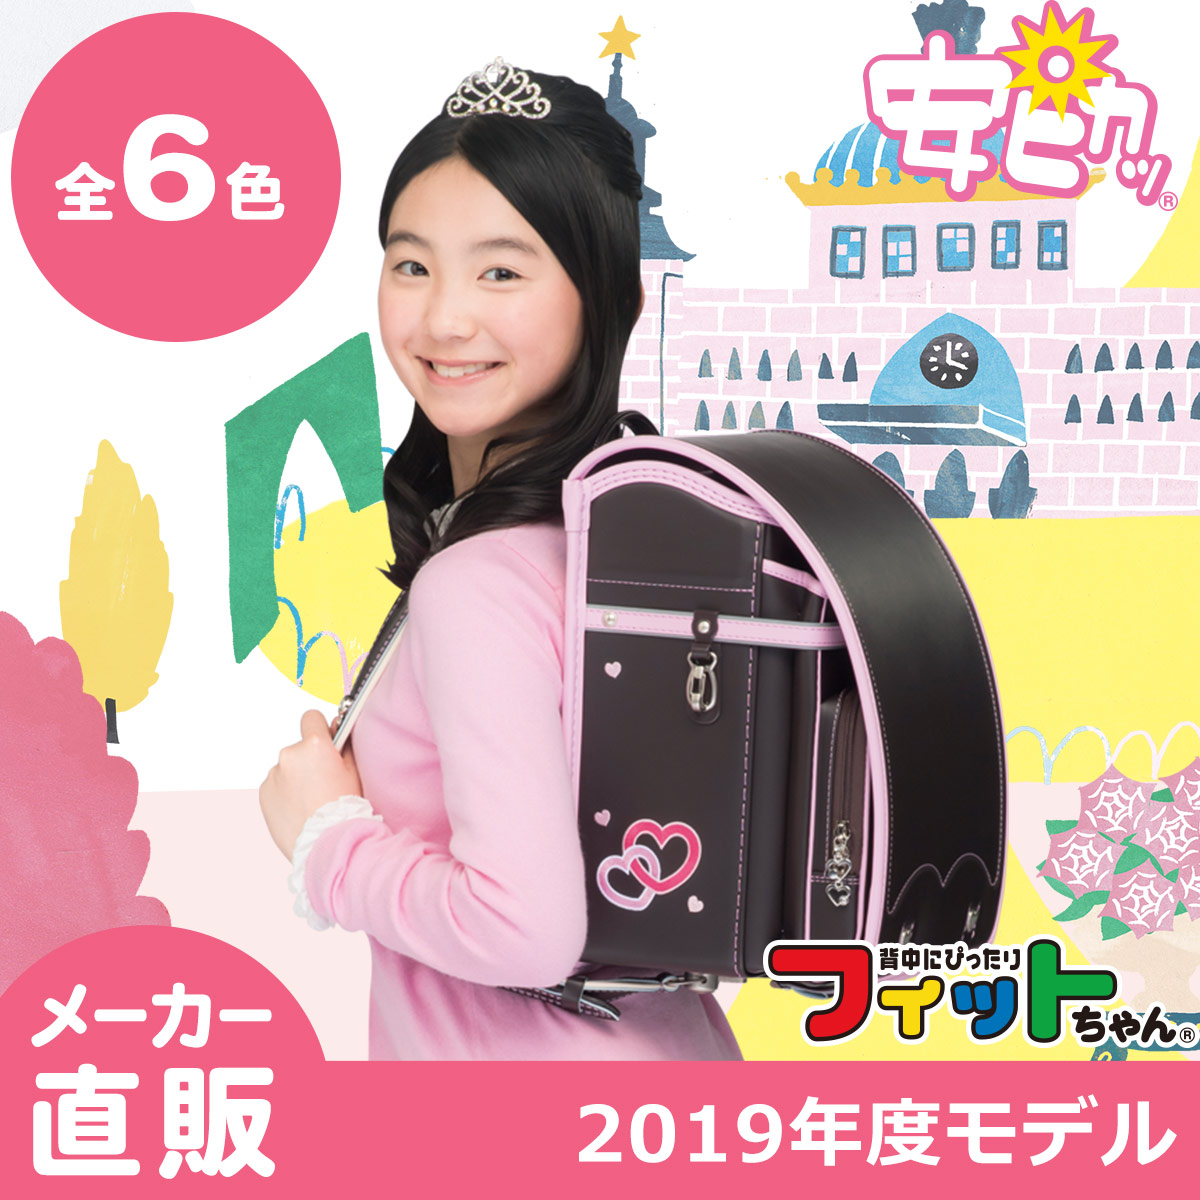 フィット ちゃん あい・愛ティアラ 安ピカッタイプ(FIT-213AZ)2019年モデル フィットちゃんランドセルA4フラットファイル収納サイズ